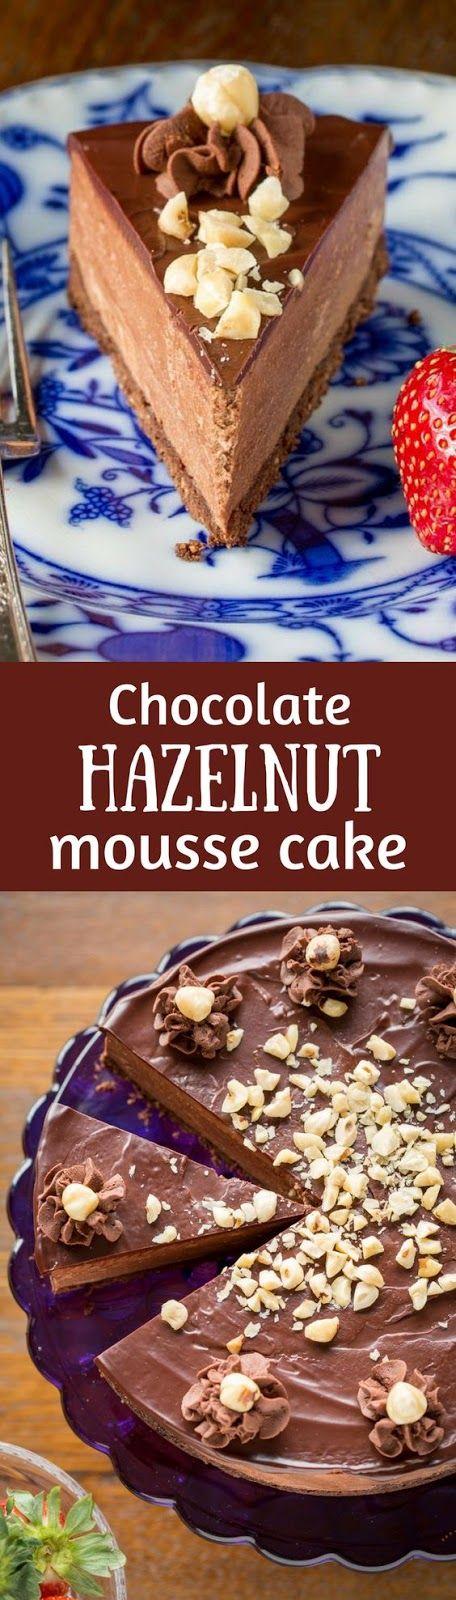 Chocolate Hazelnut Mousse Cake   Cake And Food Recipe